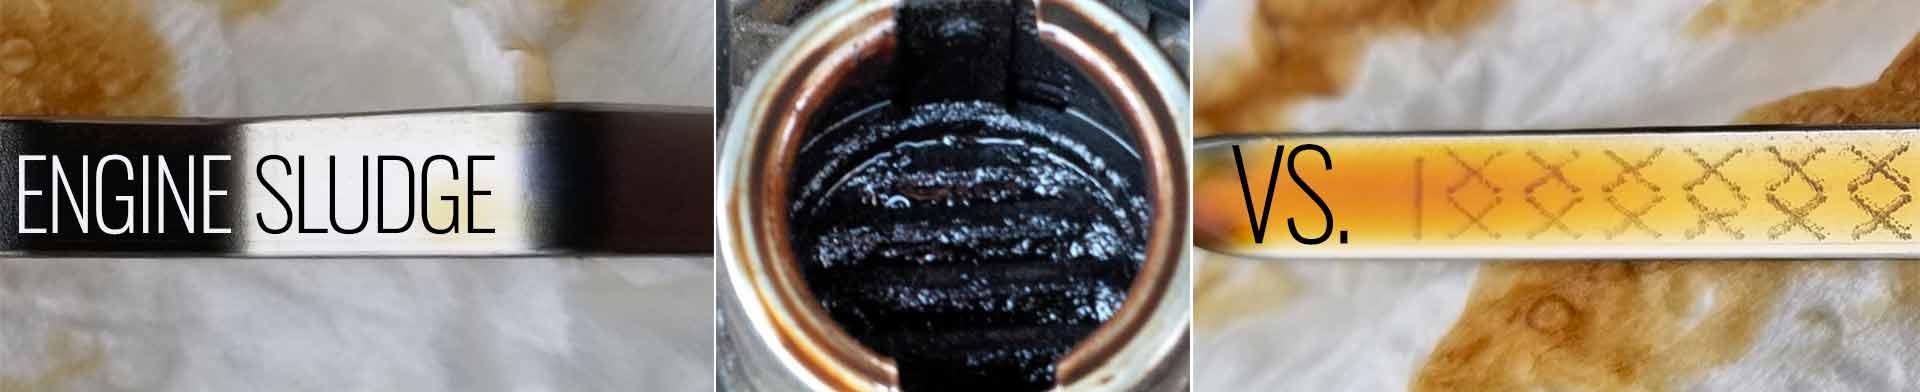 Engine Sludge -